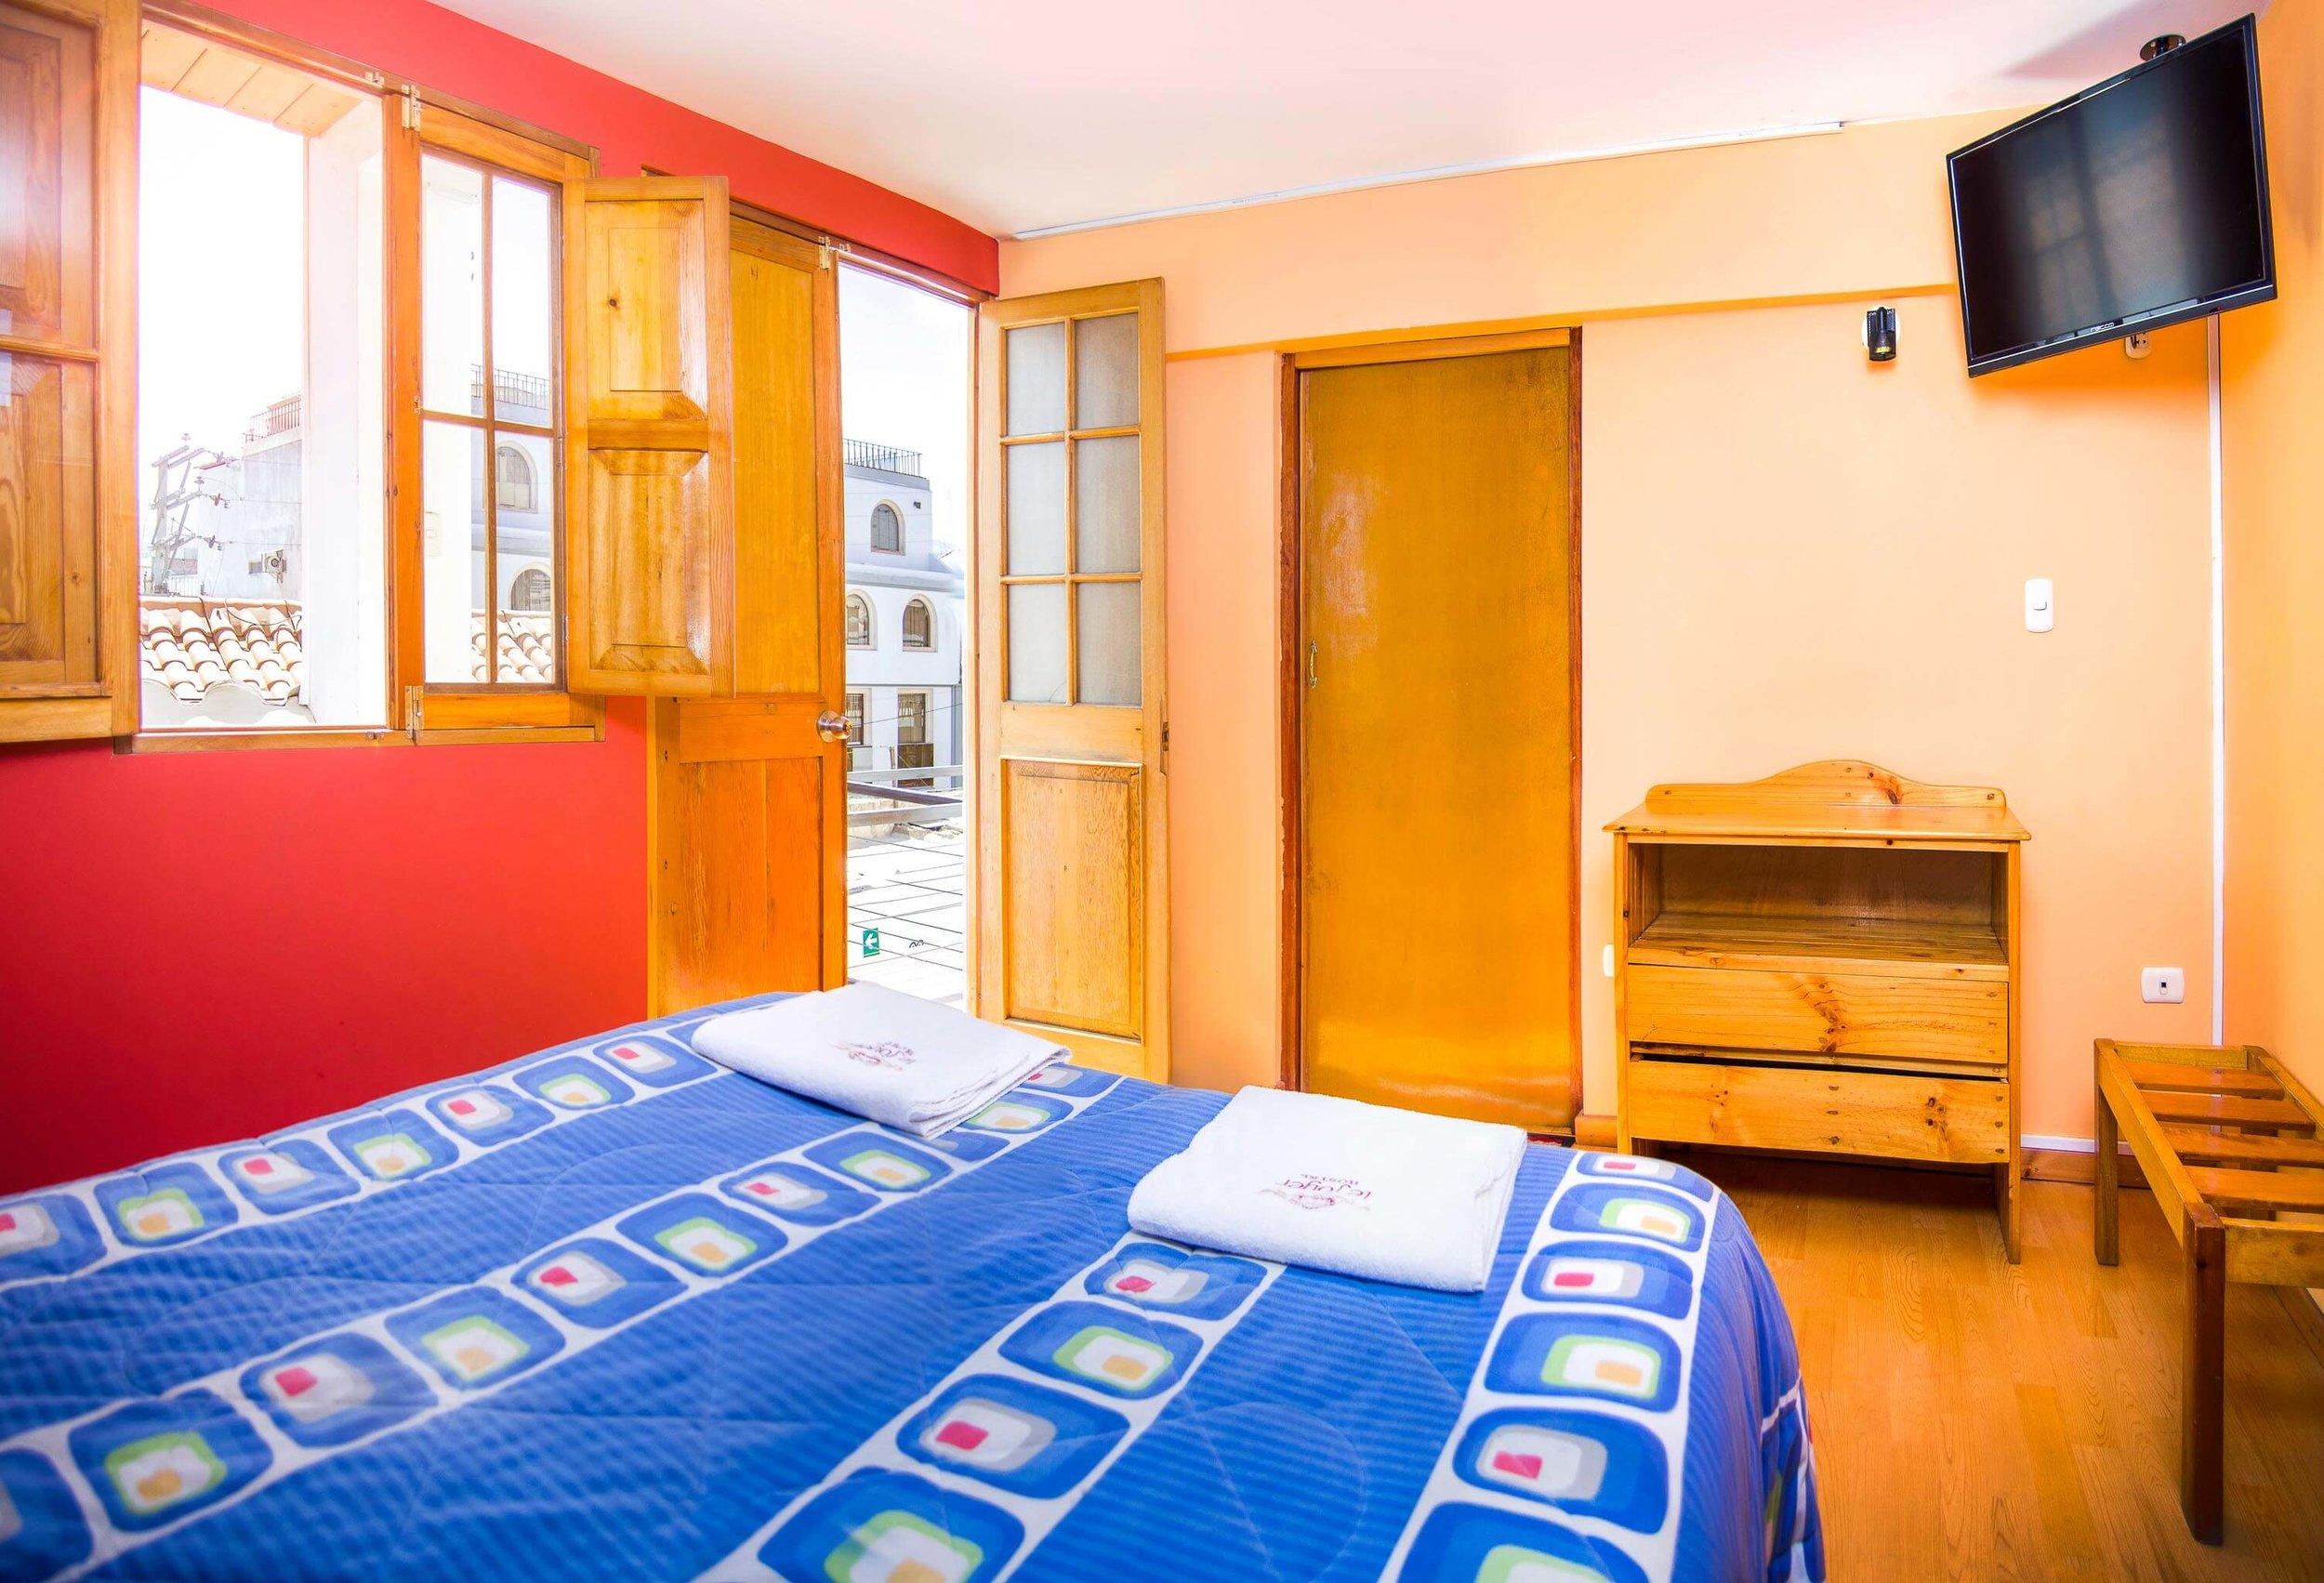 Habitación Matrimonial   en Le Foyer Hostel   Reserva con Nosotros